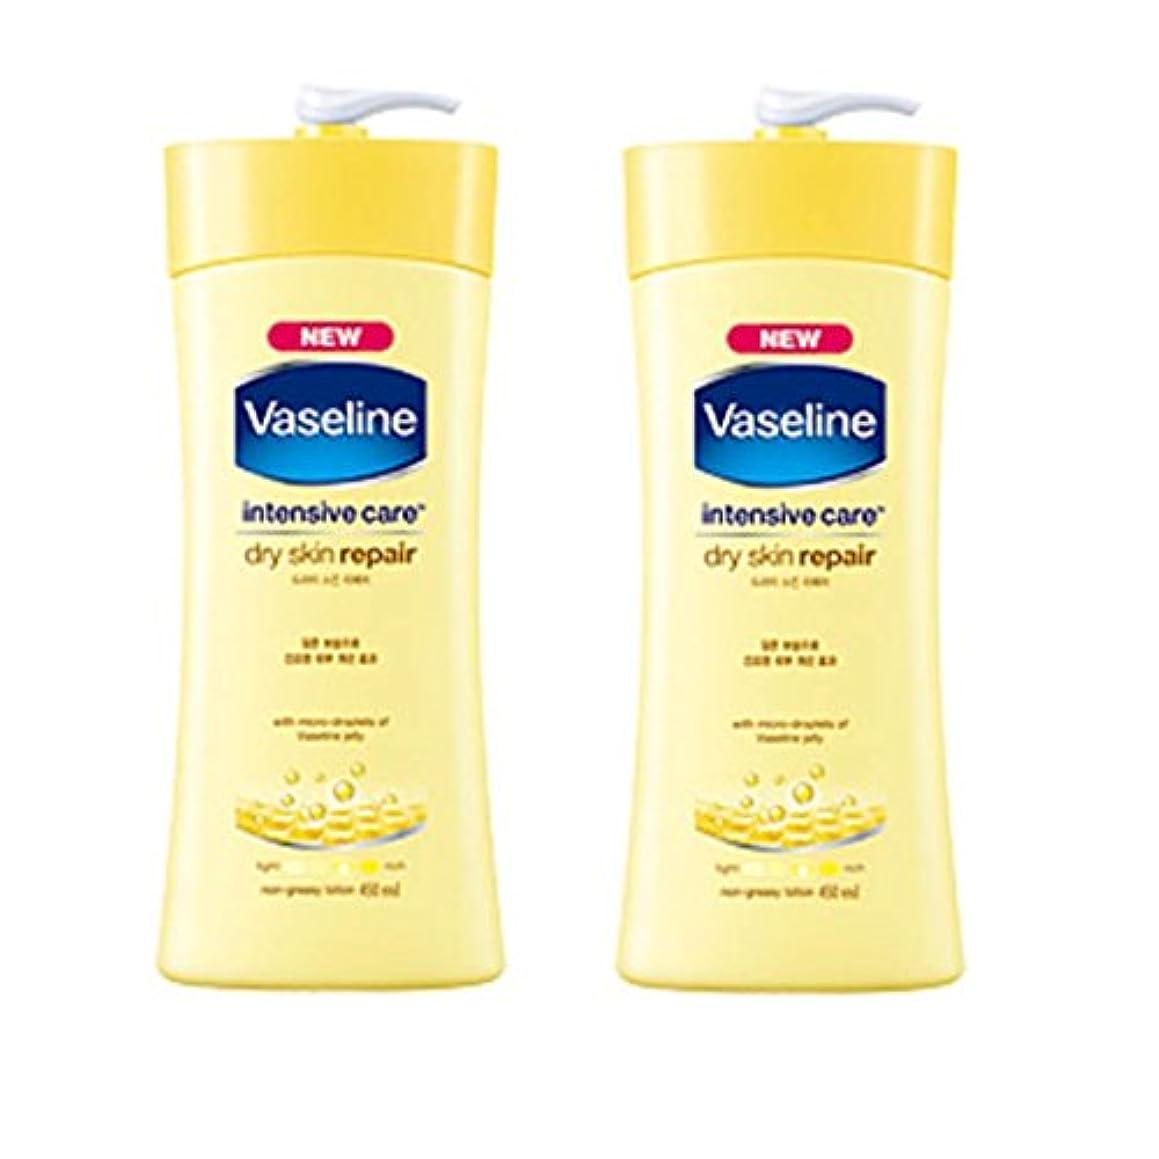 段落ワーカー地中海ヴァセリン インテンシブケア ドライスキン リペアローション(Vaseline Intensive Care Dry Skin Repair Lotion) 450ml X 2個 [並行輸入品]